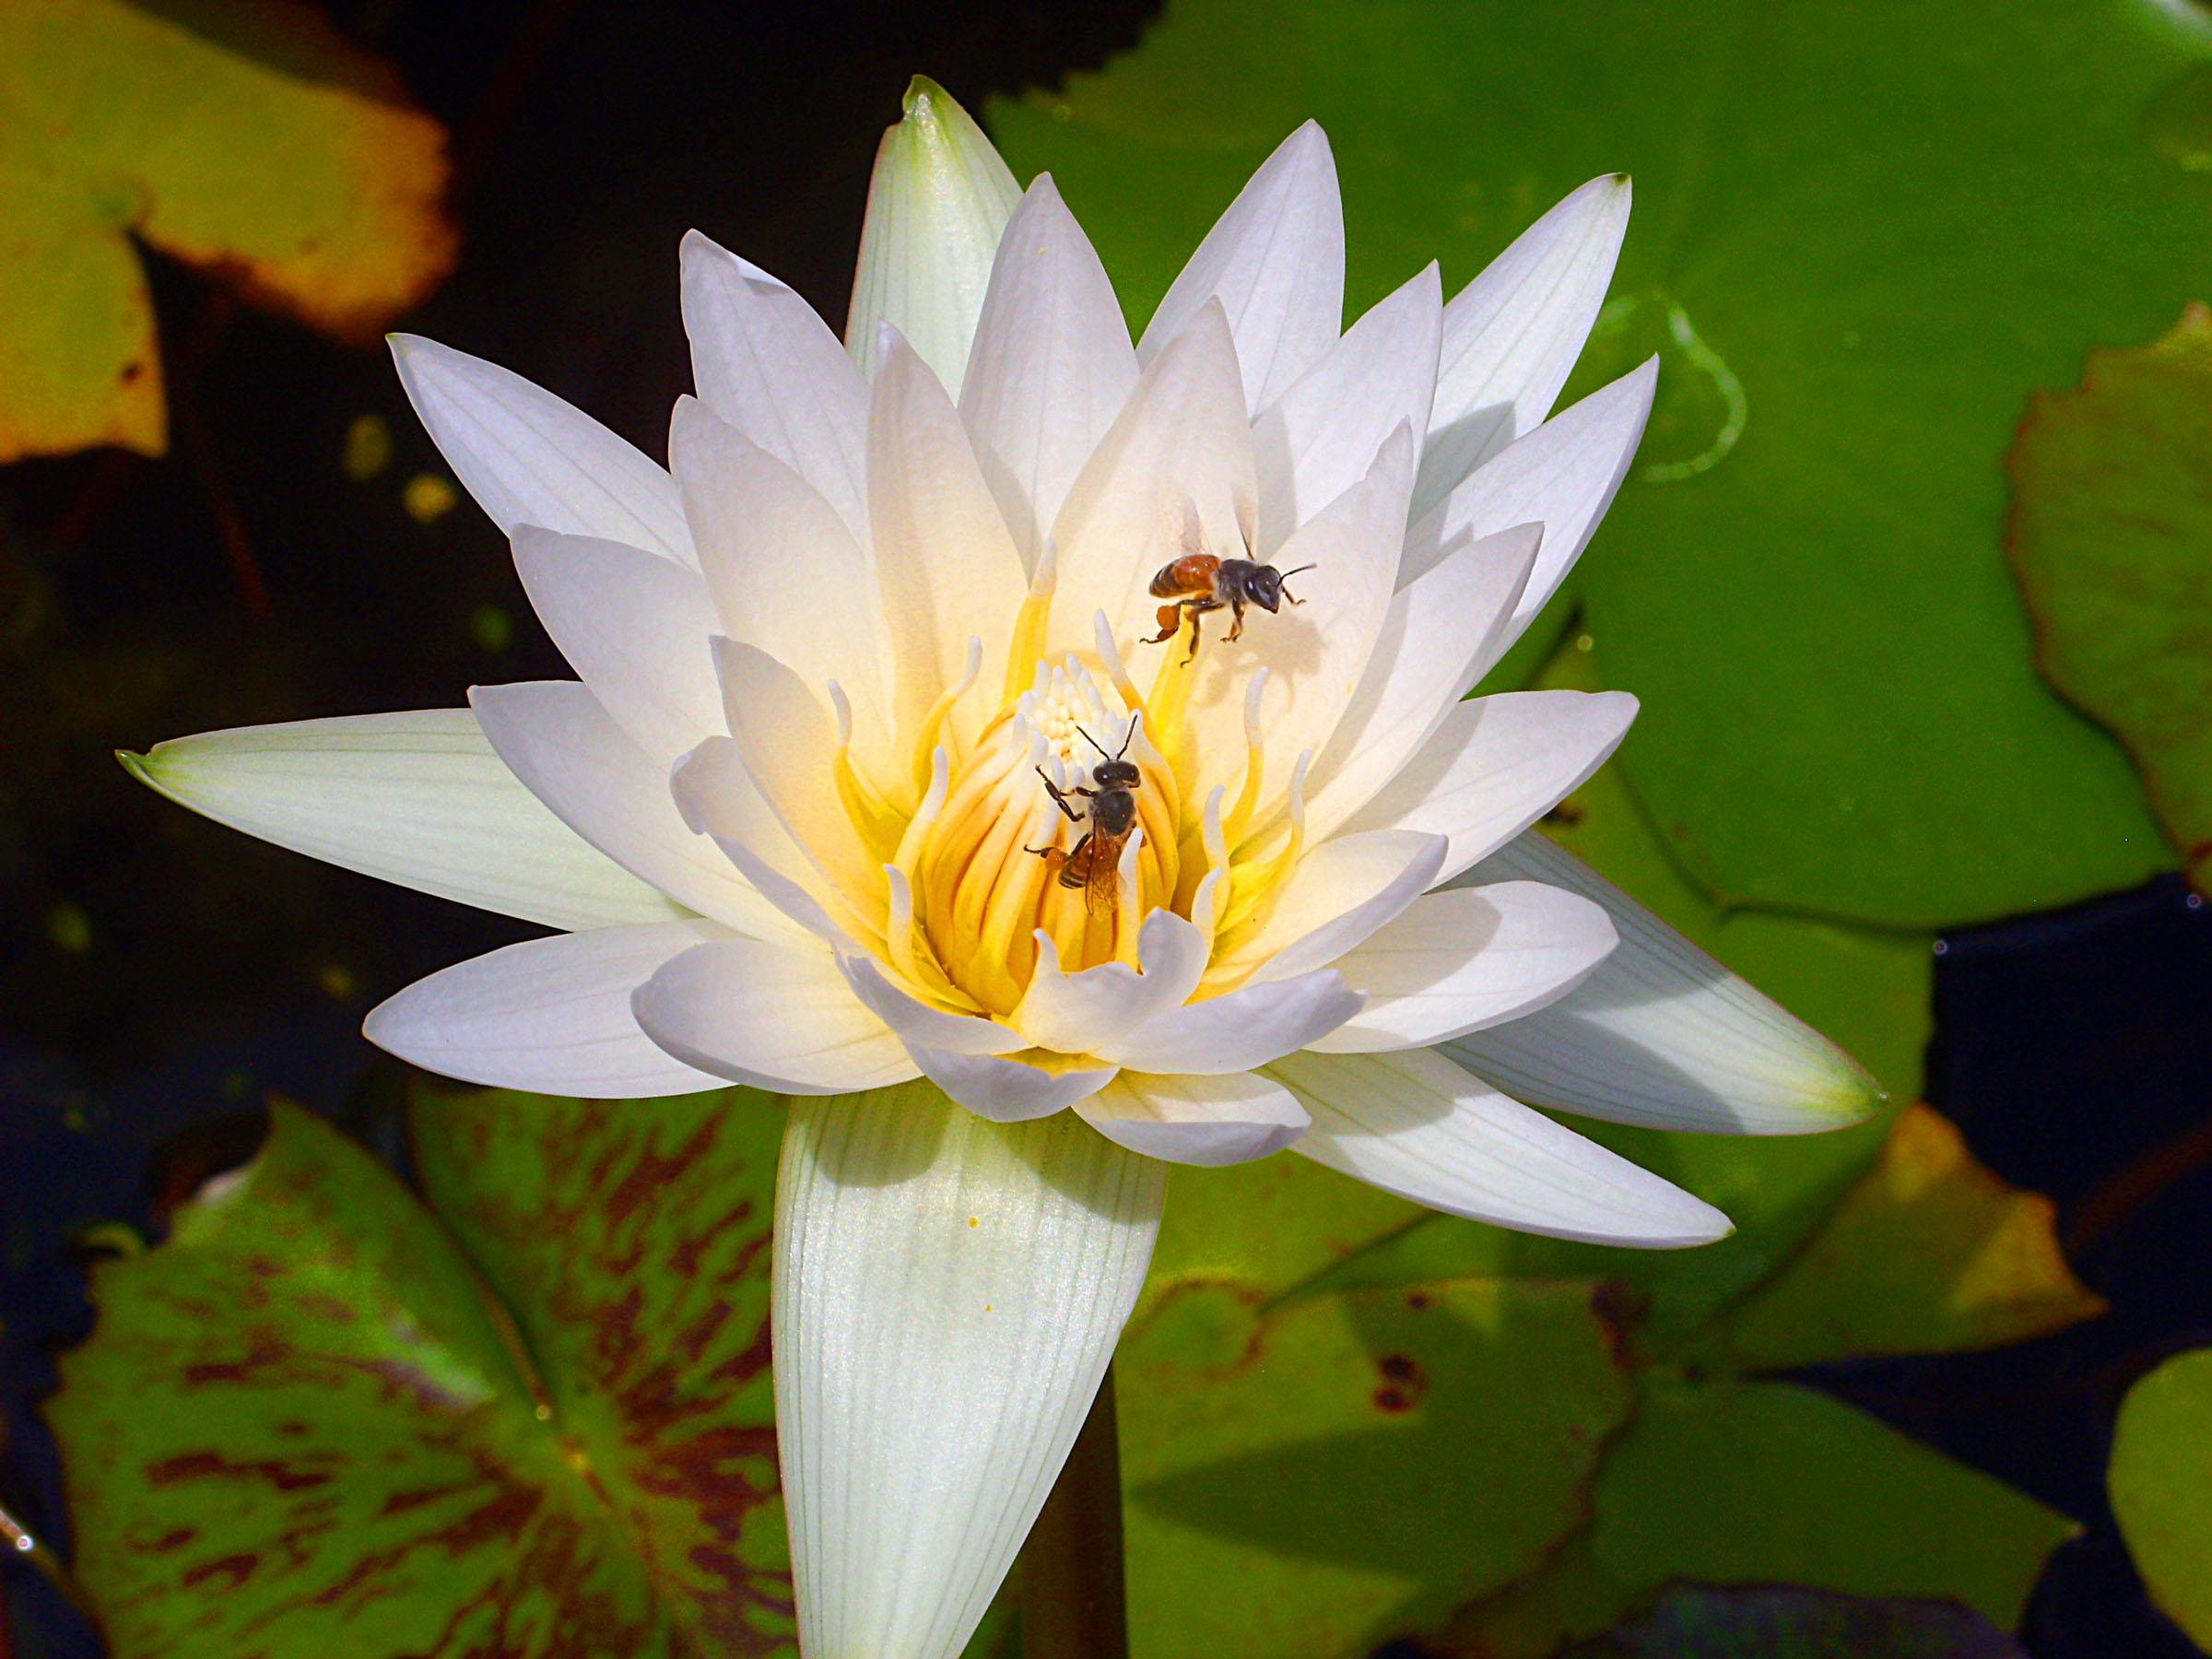 Free photo bees on lotus flower thailand tropical thai free bees on lotus flower thailand tropical thai lotus hq photo izmirmasajfo